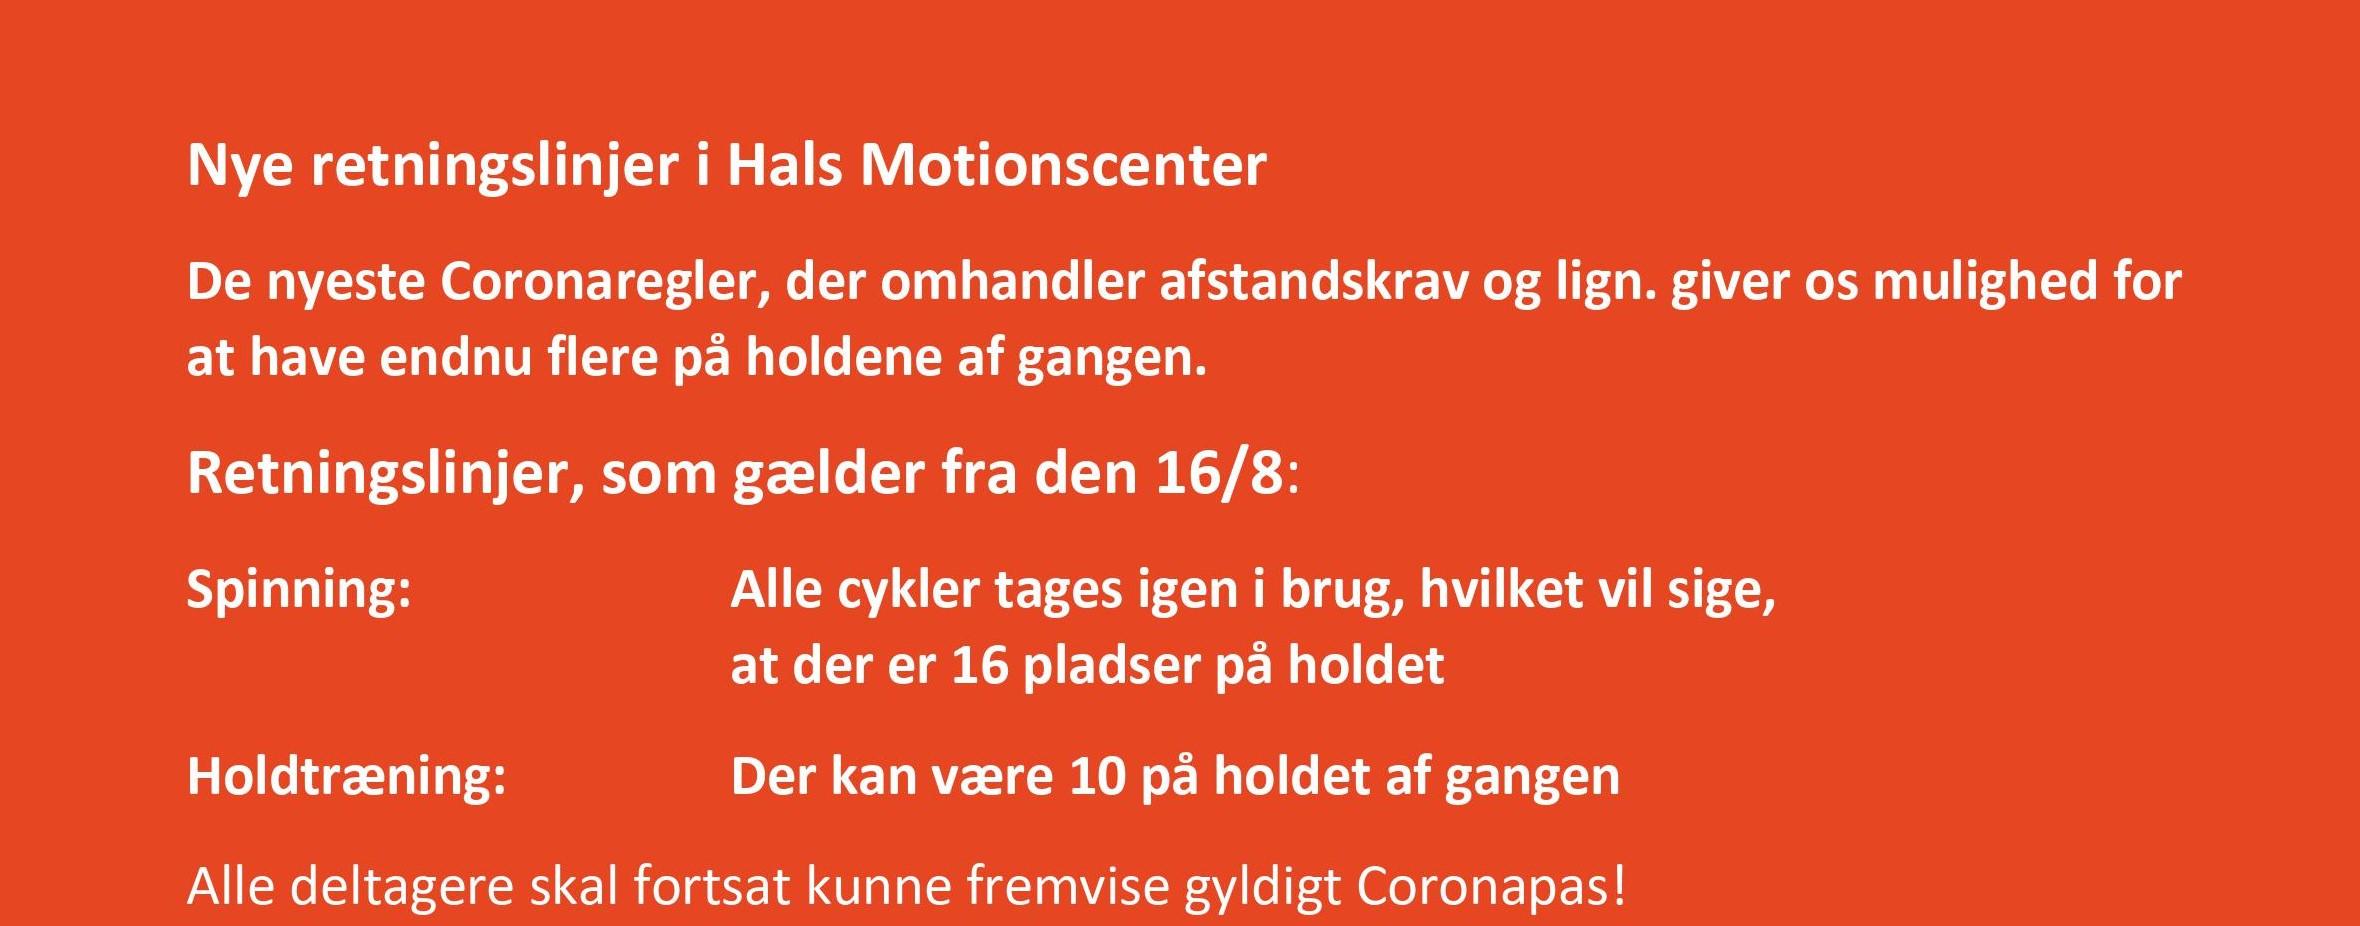 Nye retningslinjer i Hals Motionscenter